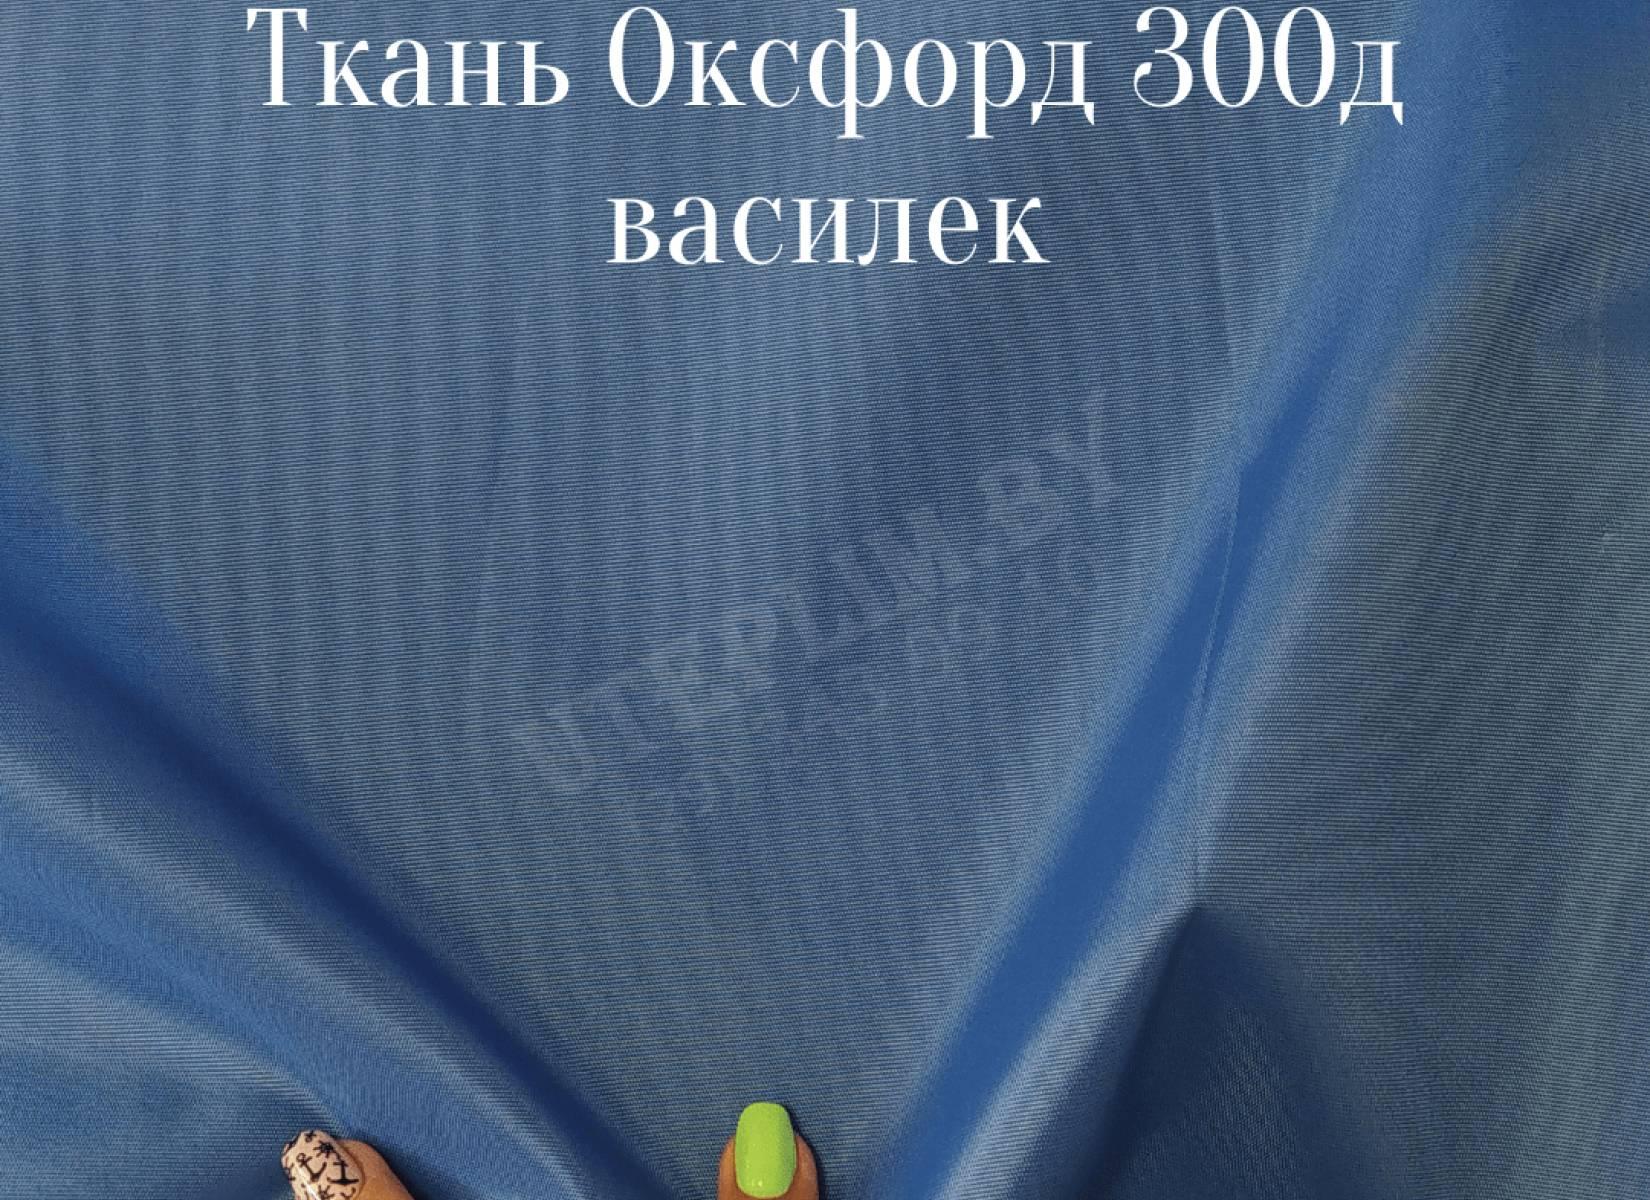 300д - василек